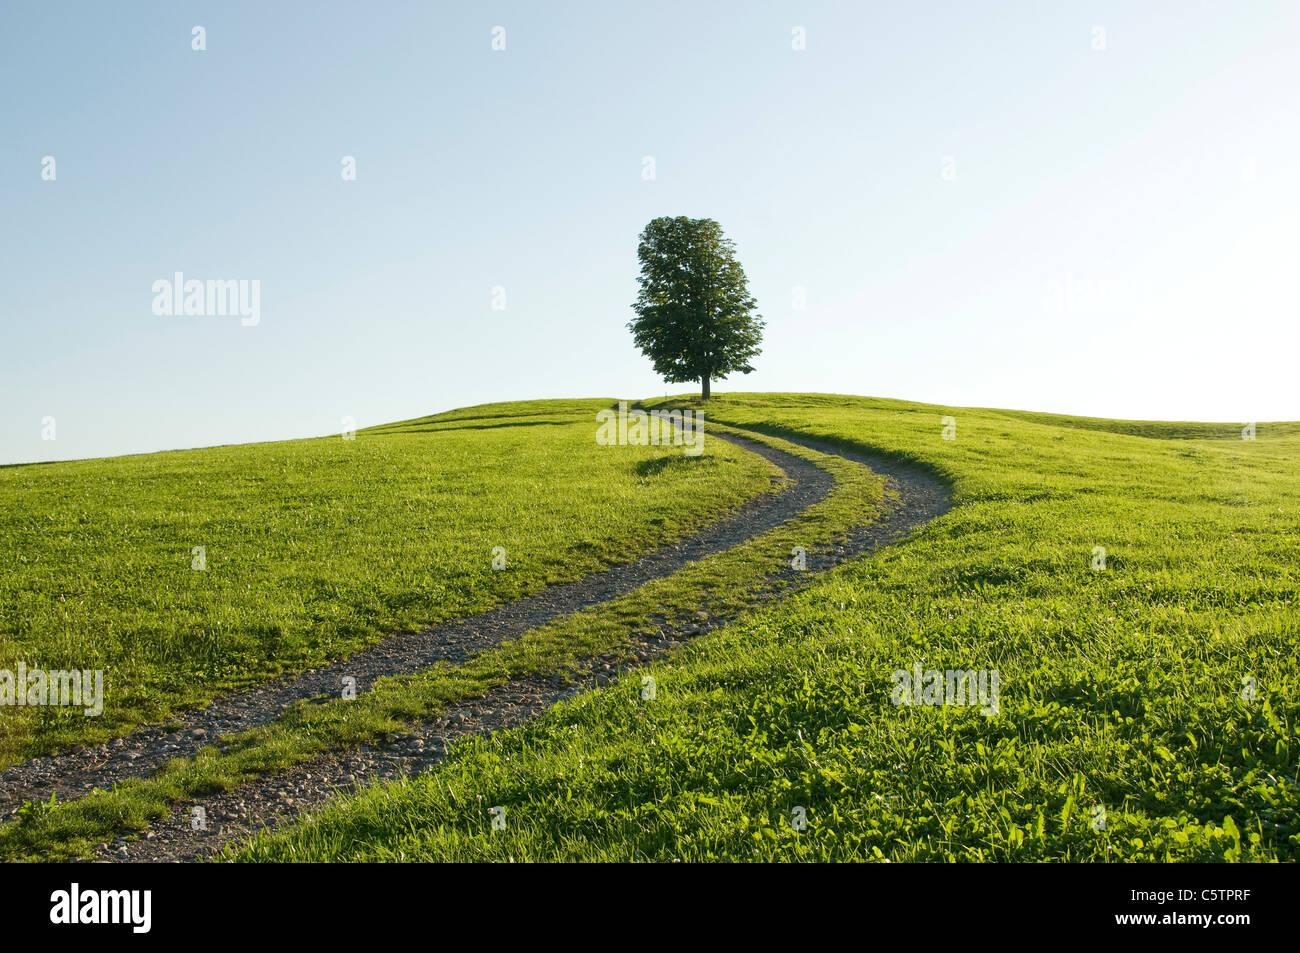 Alemania, Baviera, Allgäu, único árbol junto al camino agrícola Imagen De Stock